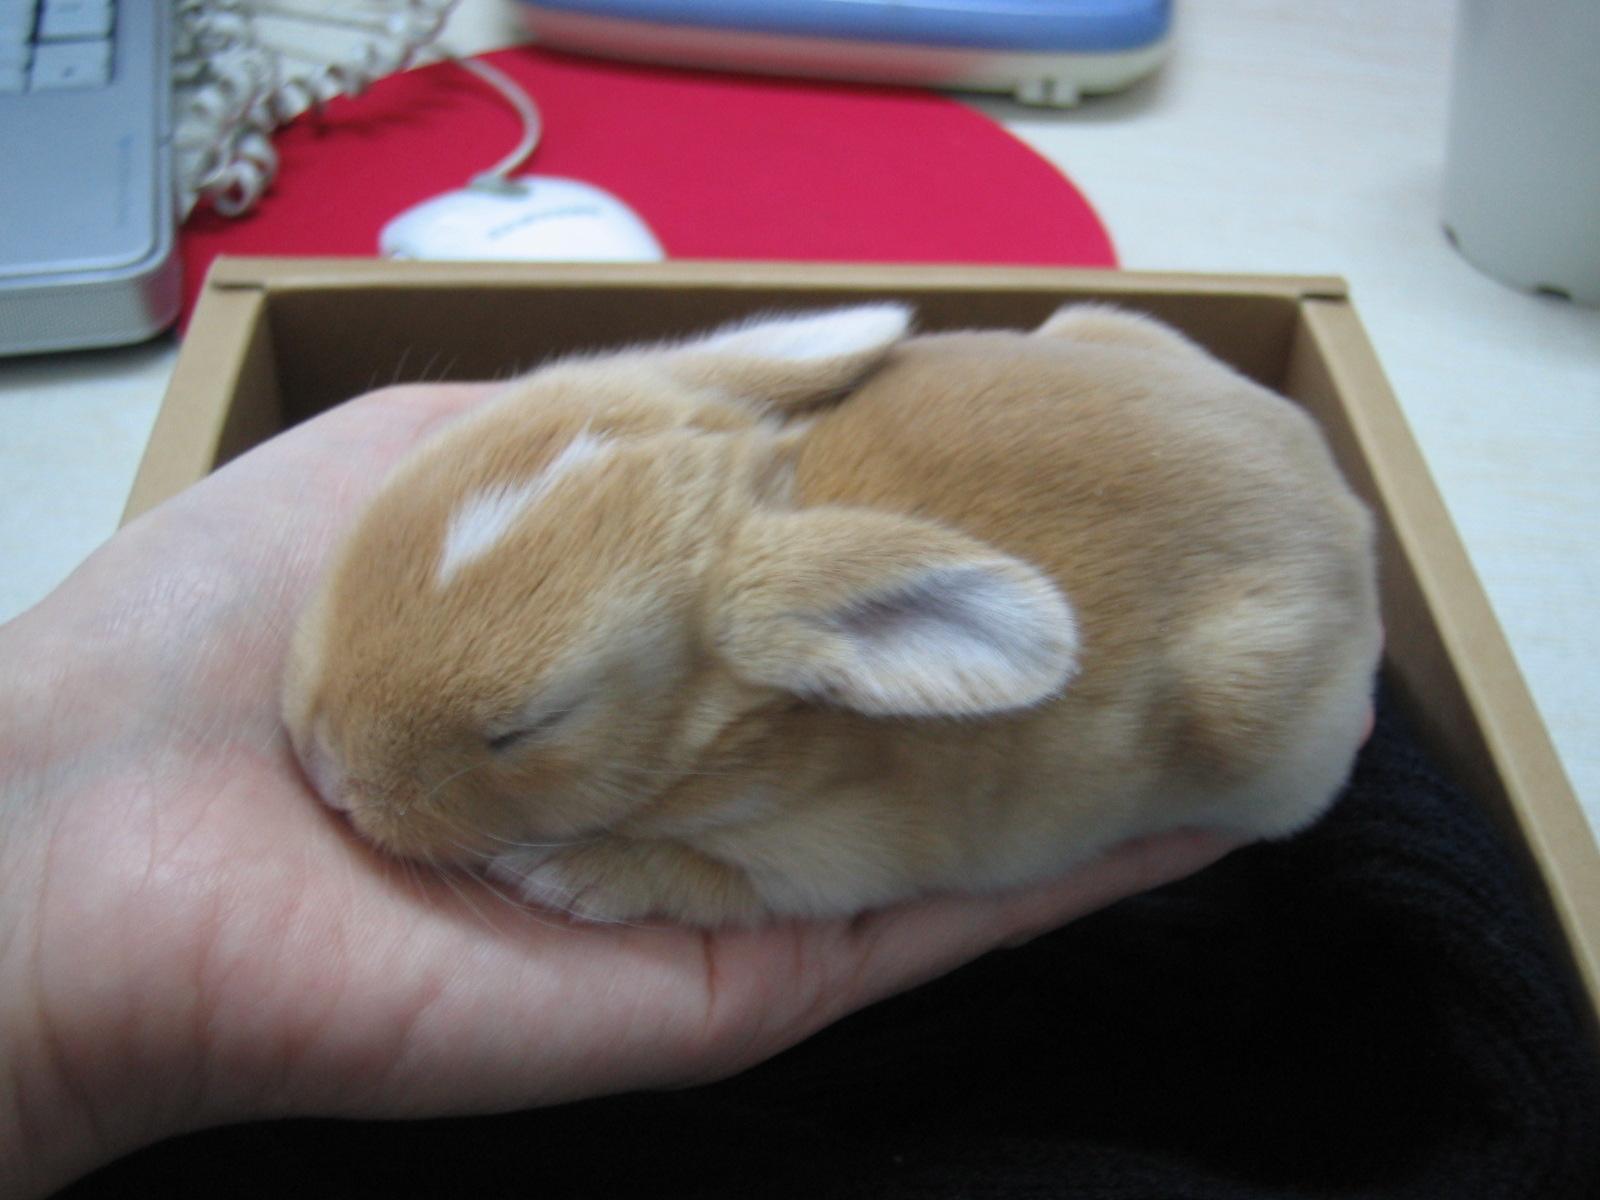 【倾儿】刚出生的可爱小动物